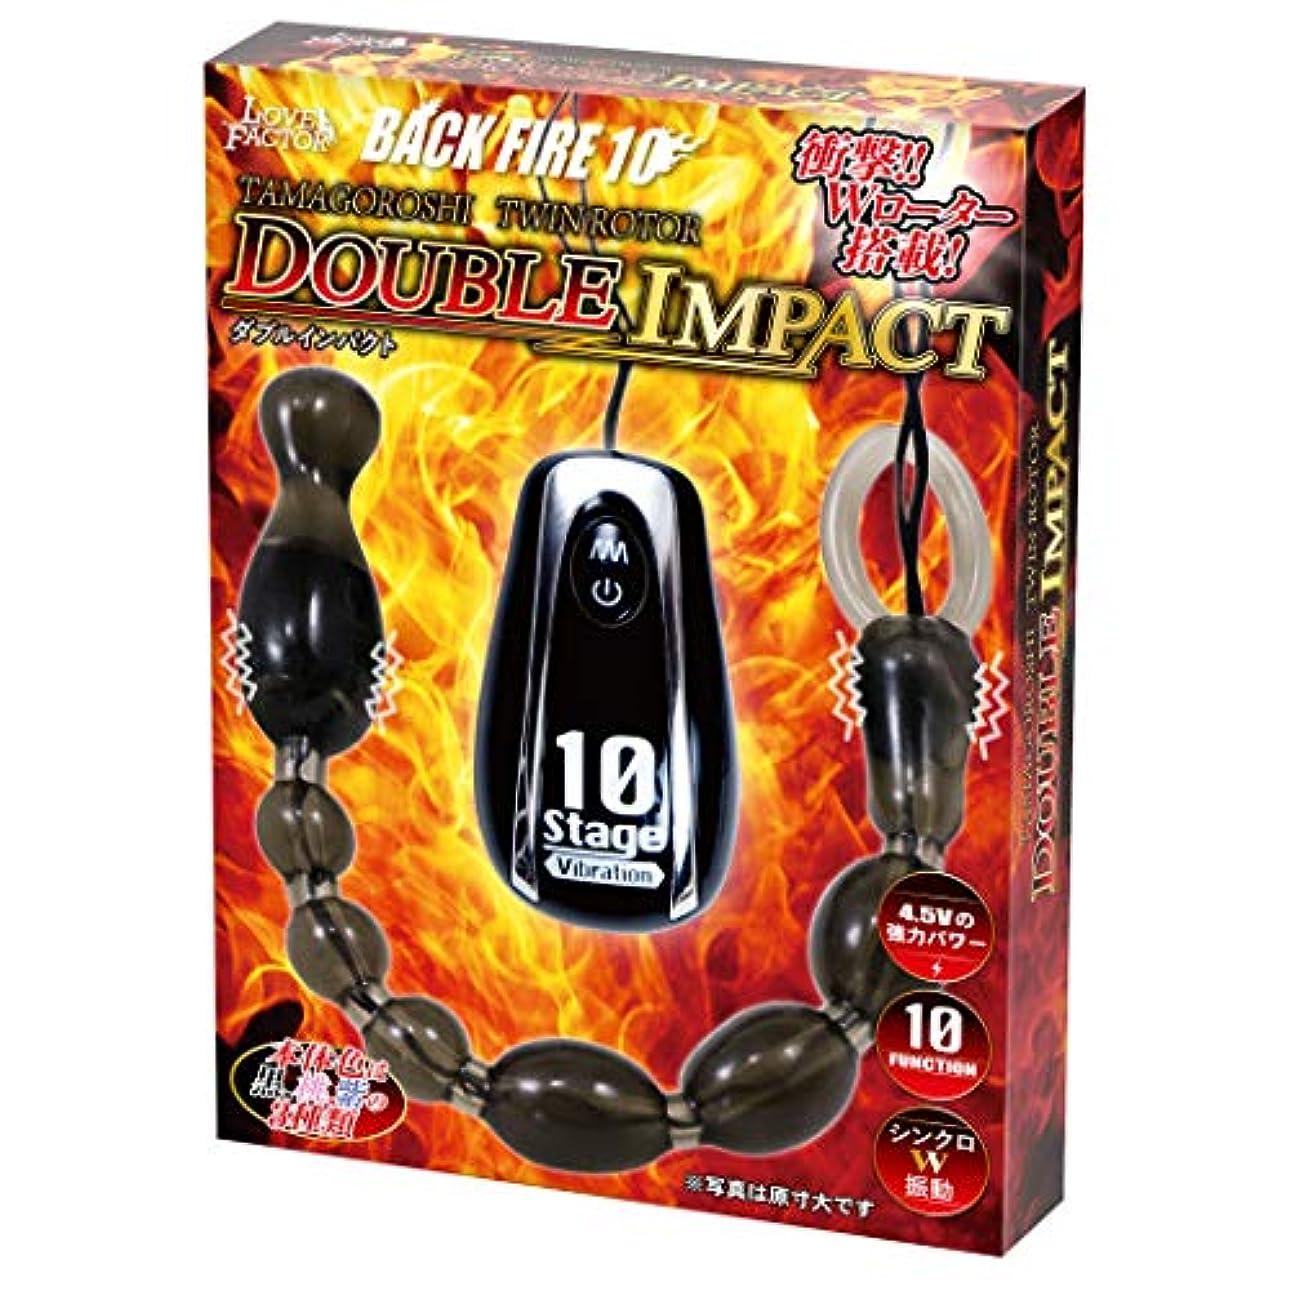 相互接続サスペンド同様にBACK FIRE TAMAGOROSHIツインローターダブルインパクト黒 アナル拡張 アナル開発 プラグ SM調教 携帯式 野外プレー 男女兼用